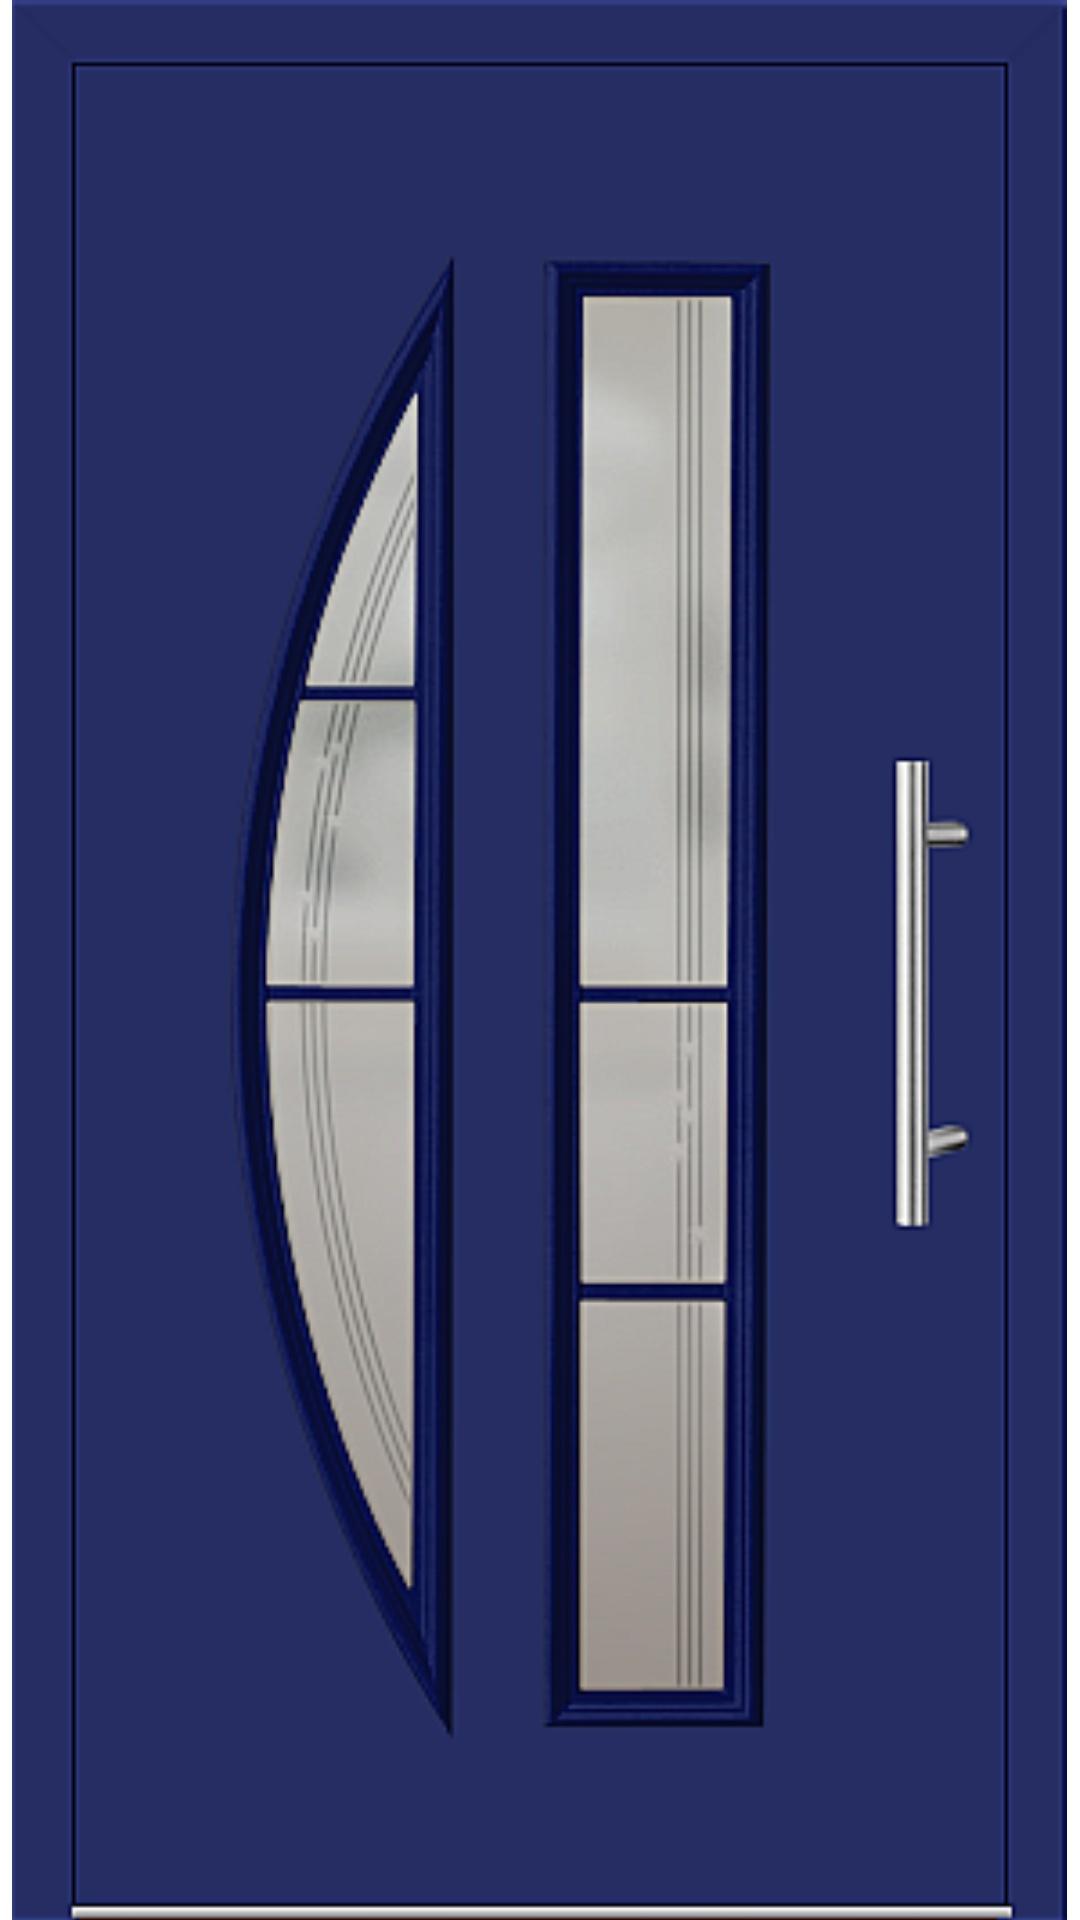 Kunststoff Haustür Modell 6525-65 ultramarinblau